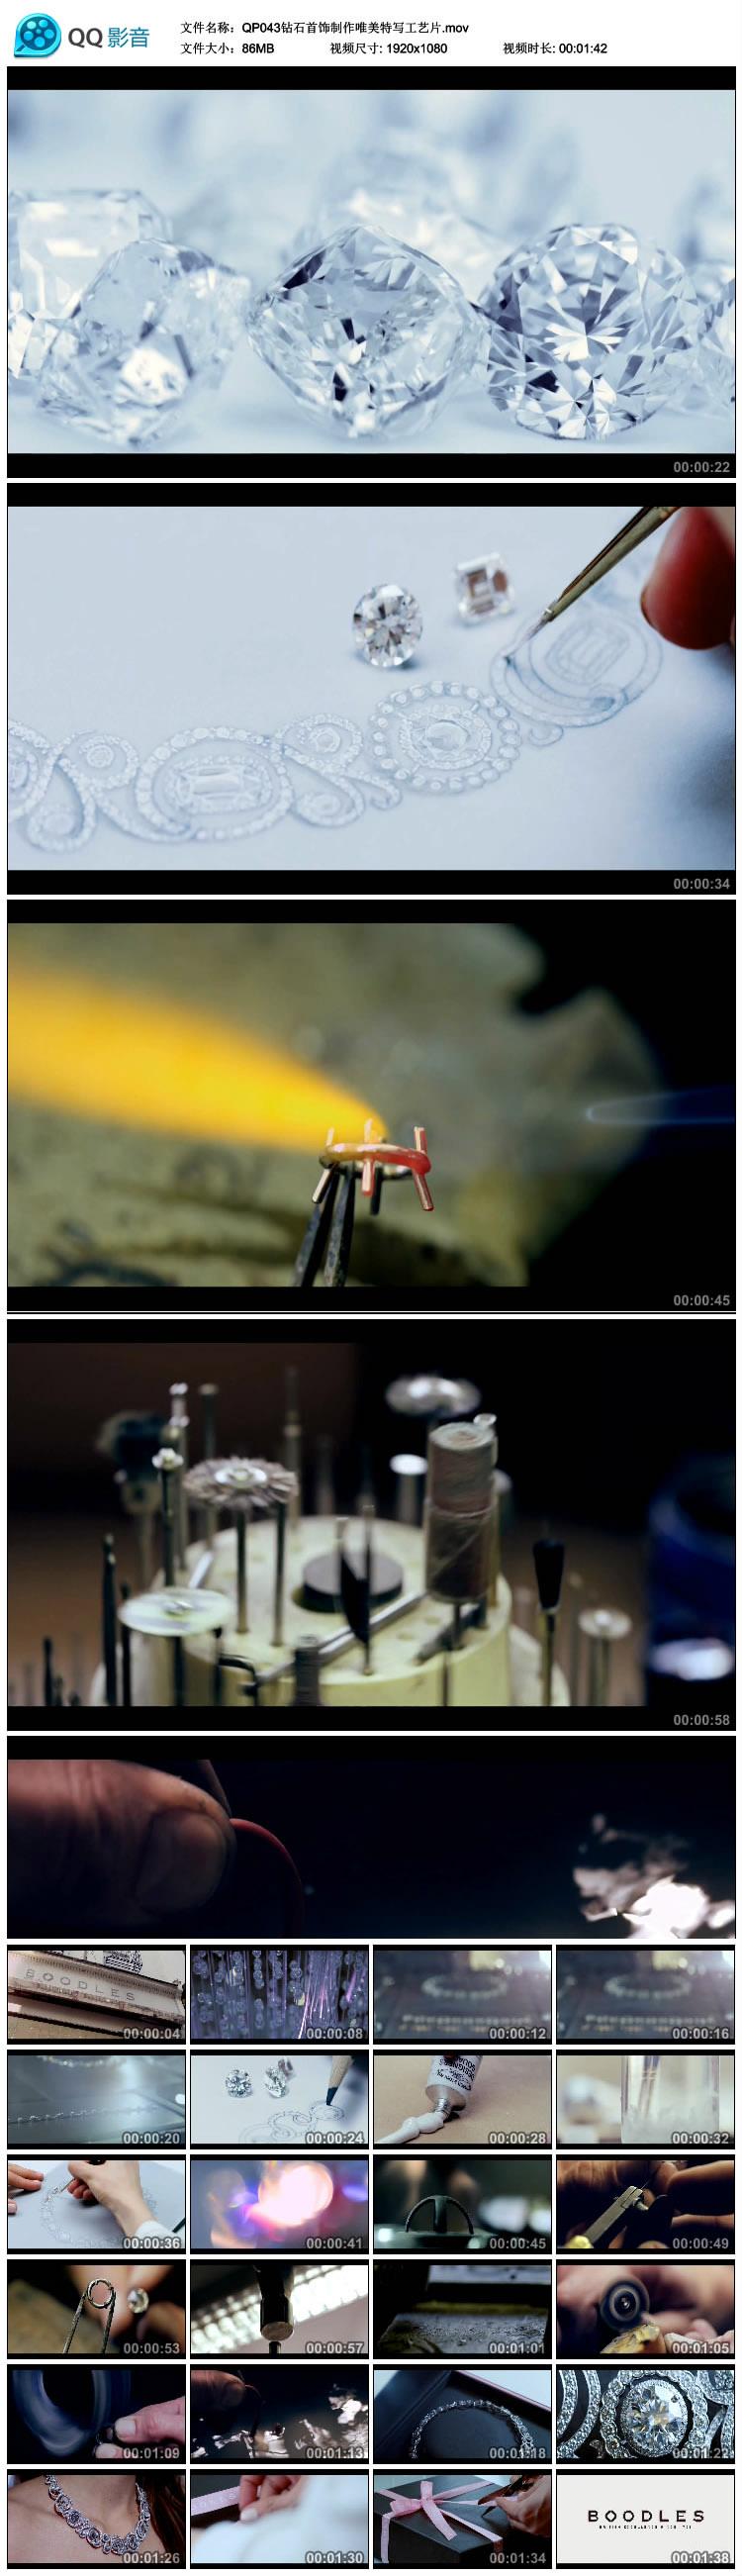 高清实拍钻石珠宝首饰视频素材制作唯美特写工艺片